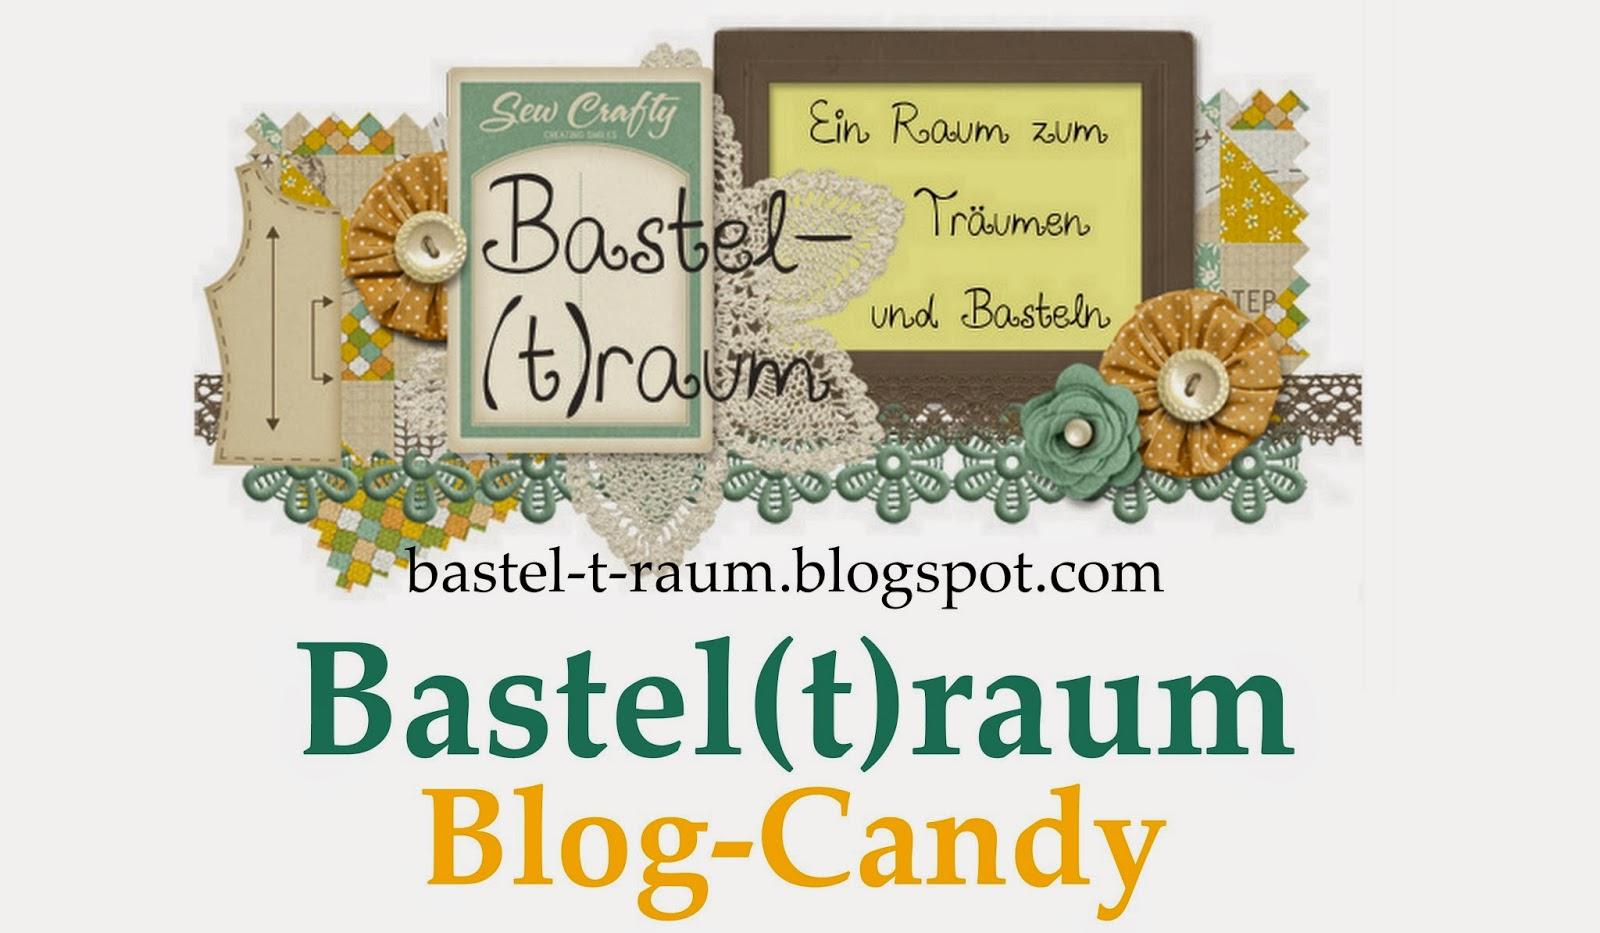 http://bastel-t-raum.blogspot.de/